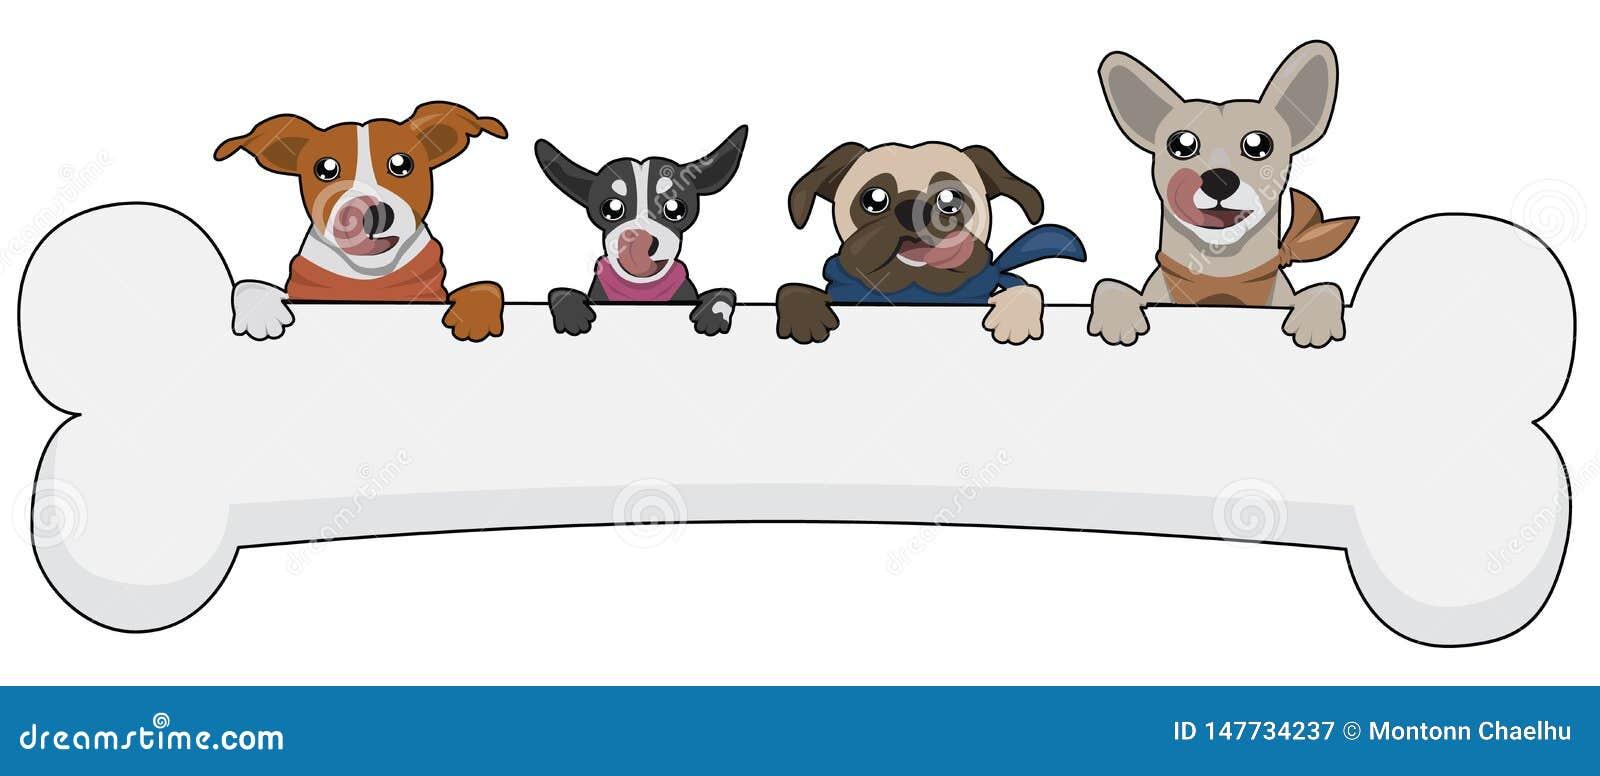 Ζωικό σκυλί κινούμενων σχεδίων χαριτωμένο με το μωρό κατοικίδιων ζώων ζώων απεικόνισης κόκκαλων αστείο